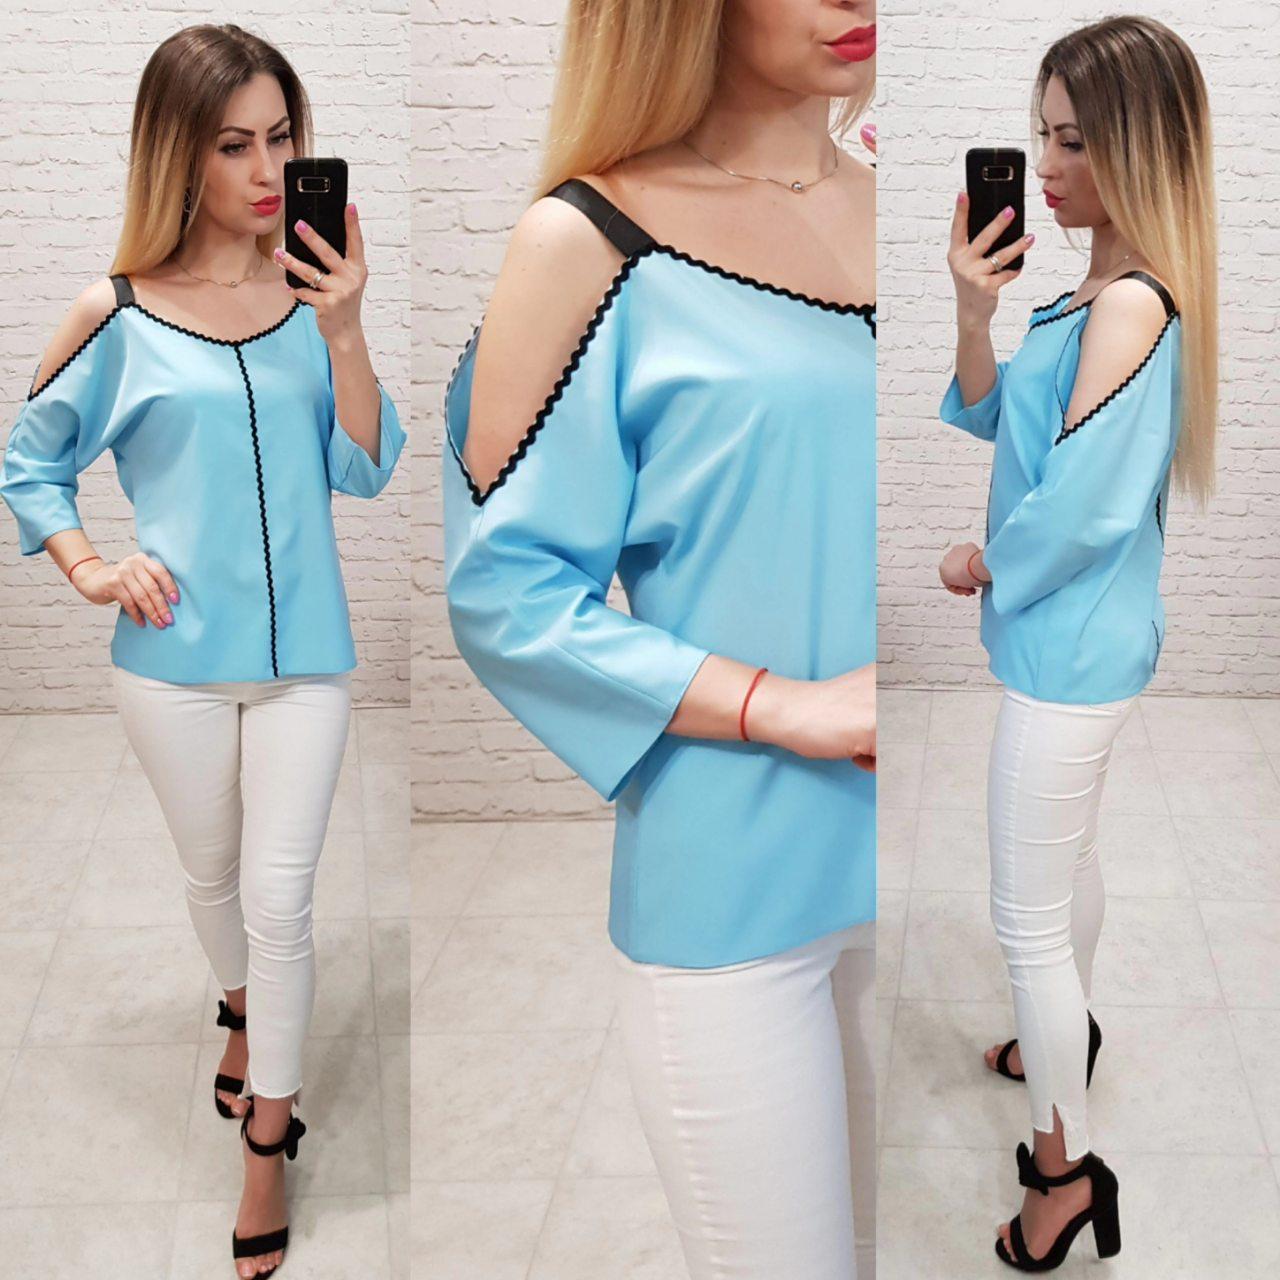 851f2ba6f8b Блузка арт 159 голубая - Интернет магазин женской одежды Khan в Одессе